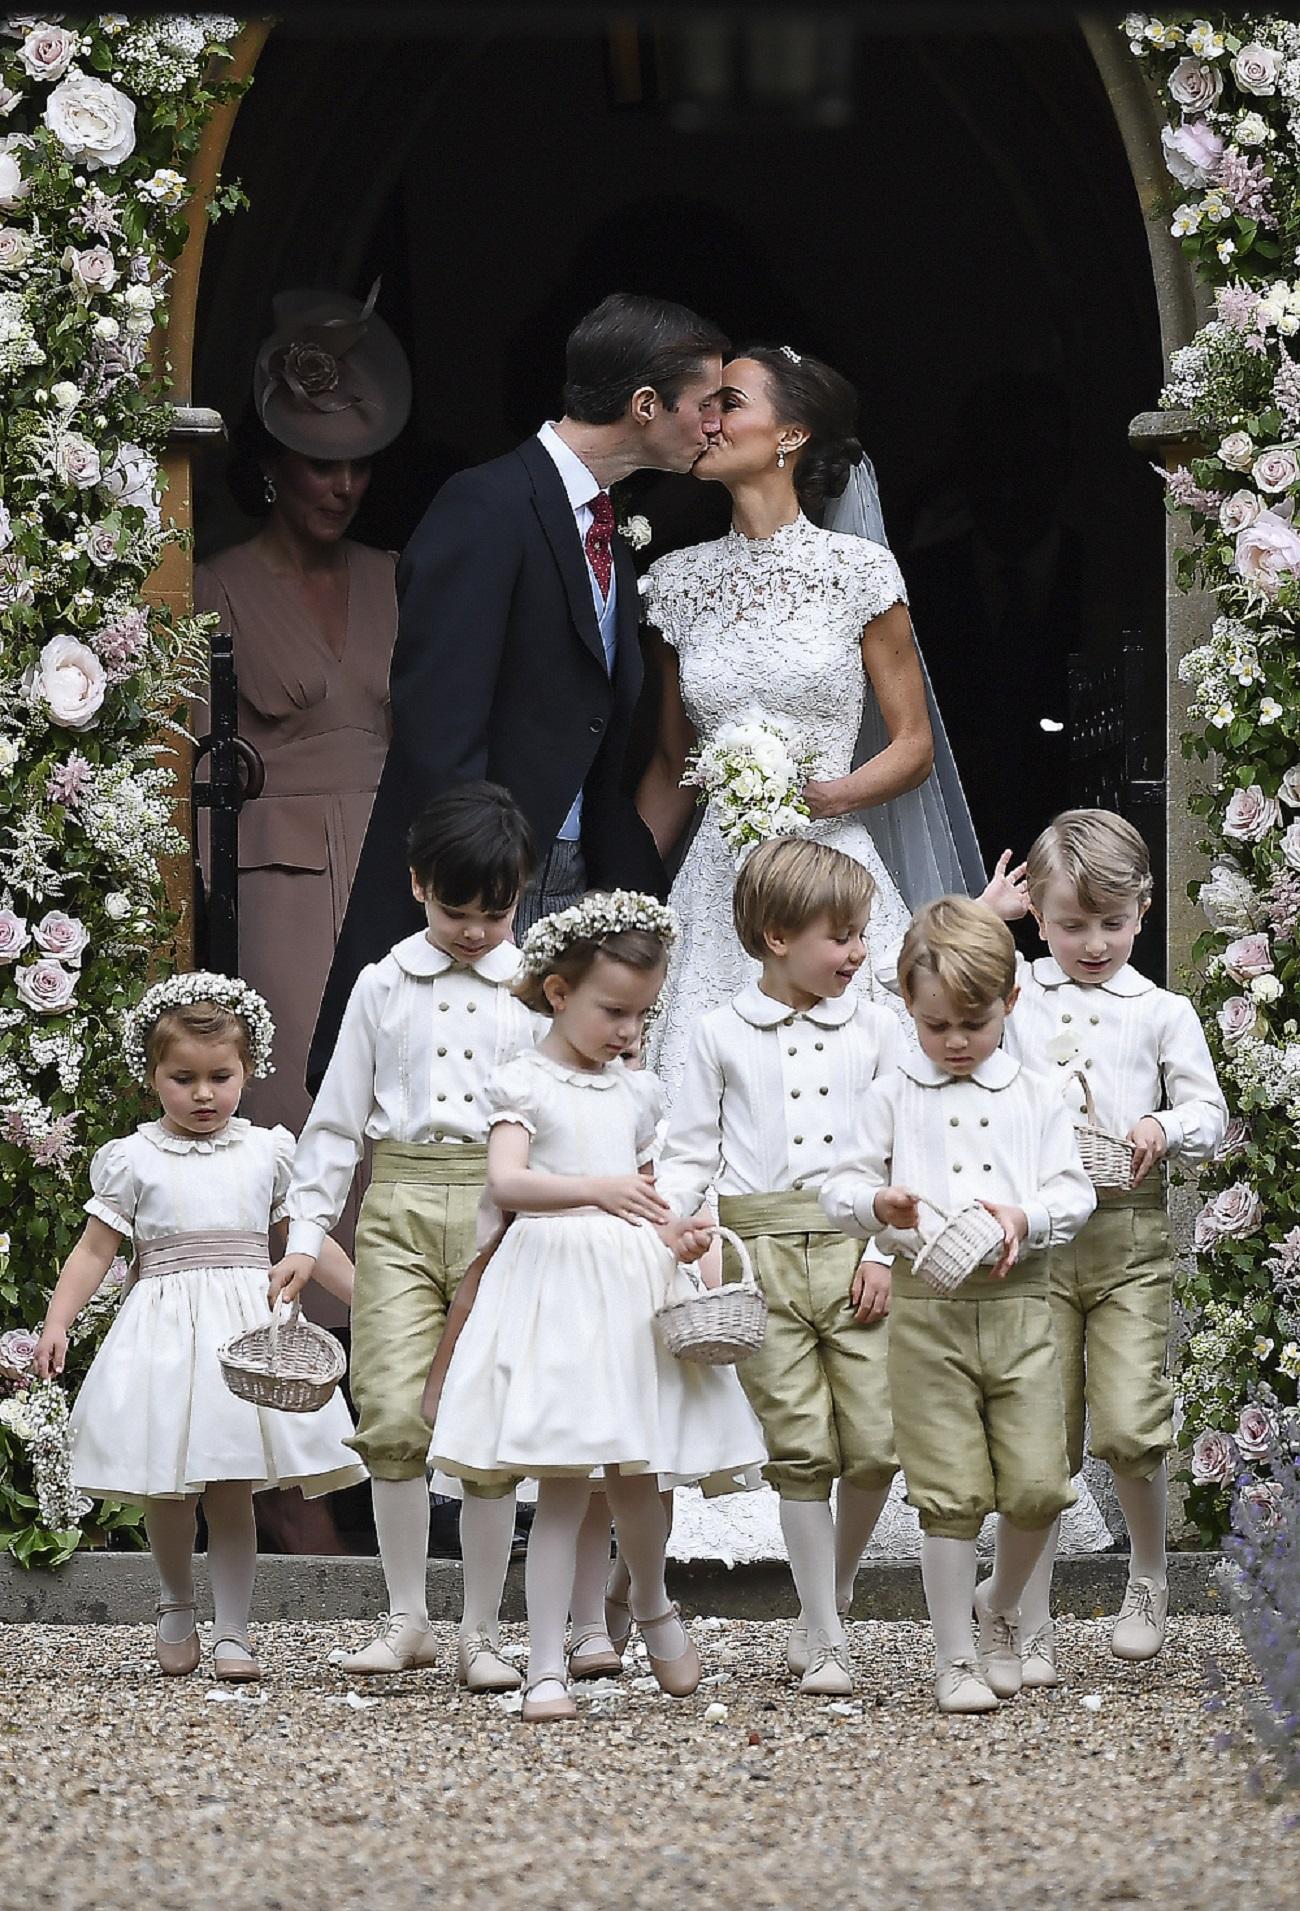 La pareja comparte su primer beso para las cámaras al salir de la capilla. (AP Photo/Kirsty Wigglesworth, Pool)